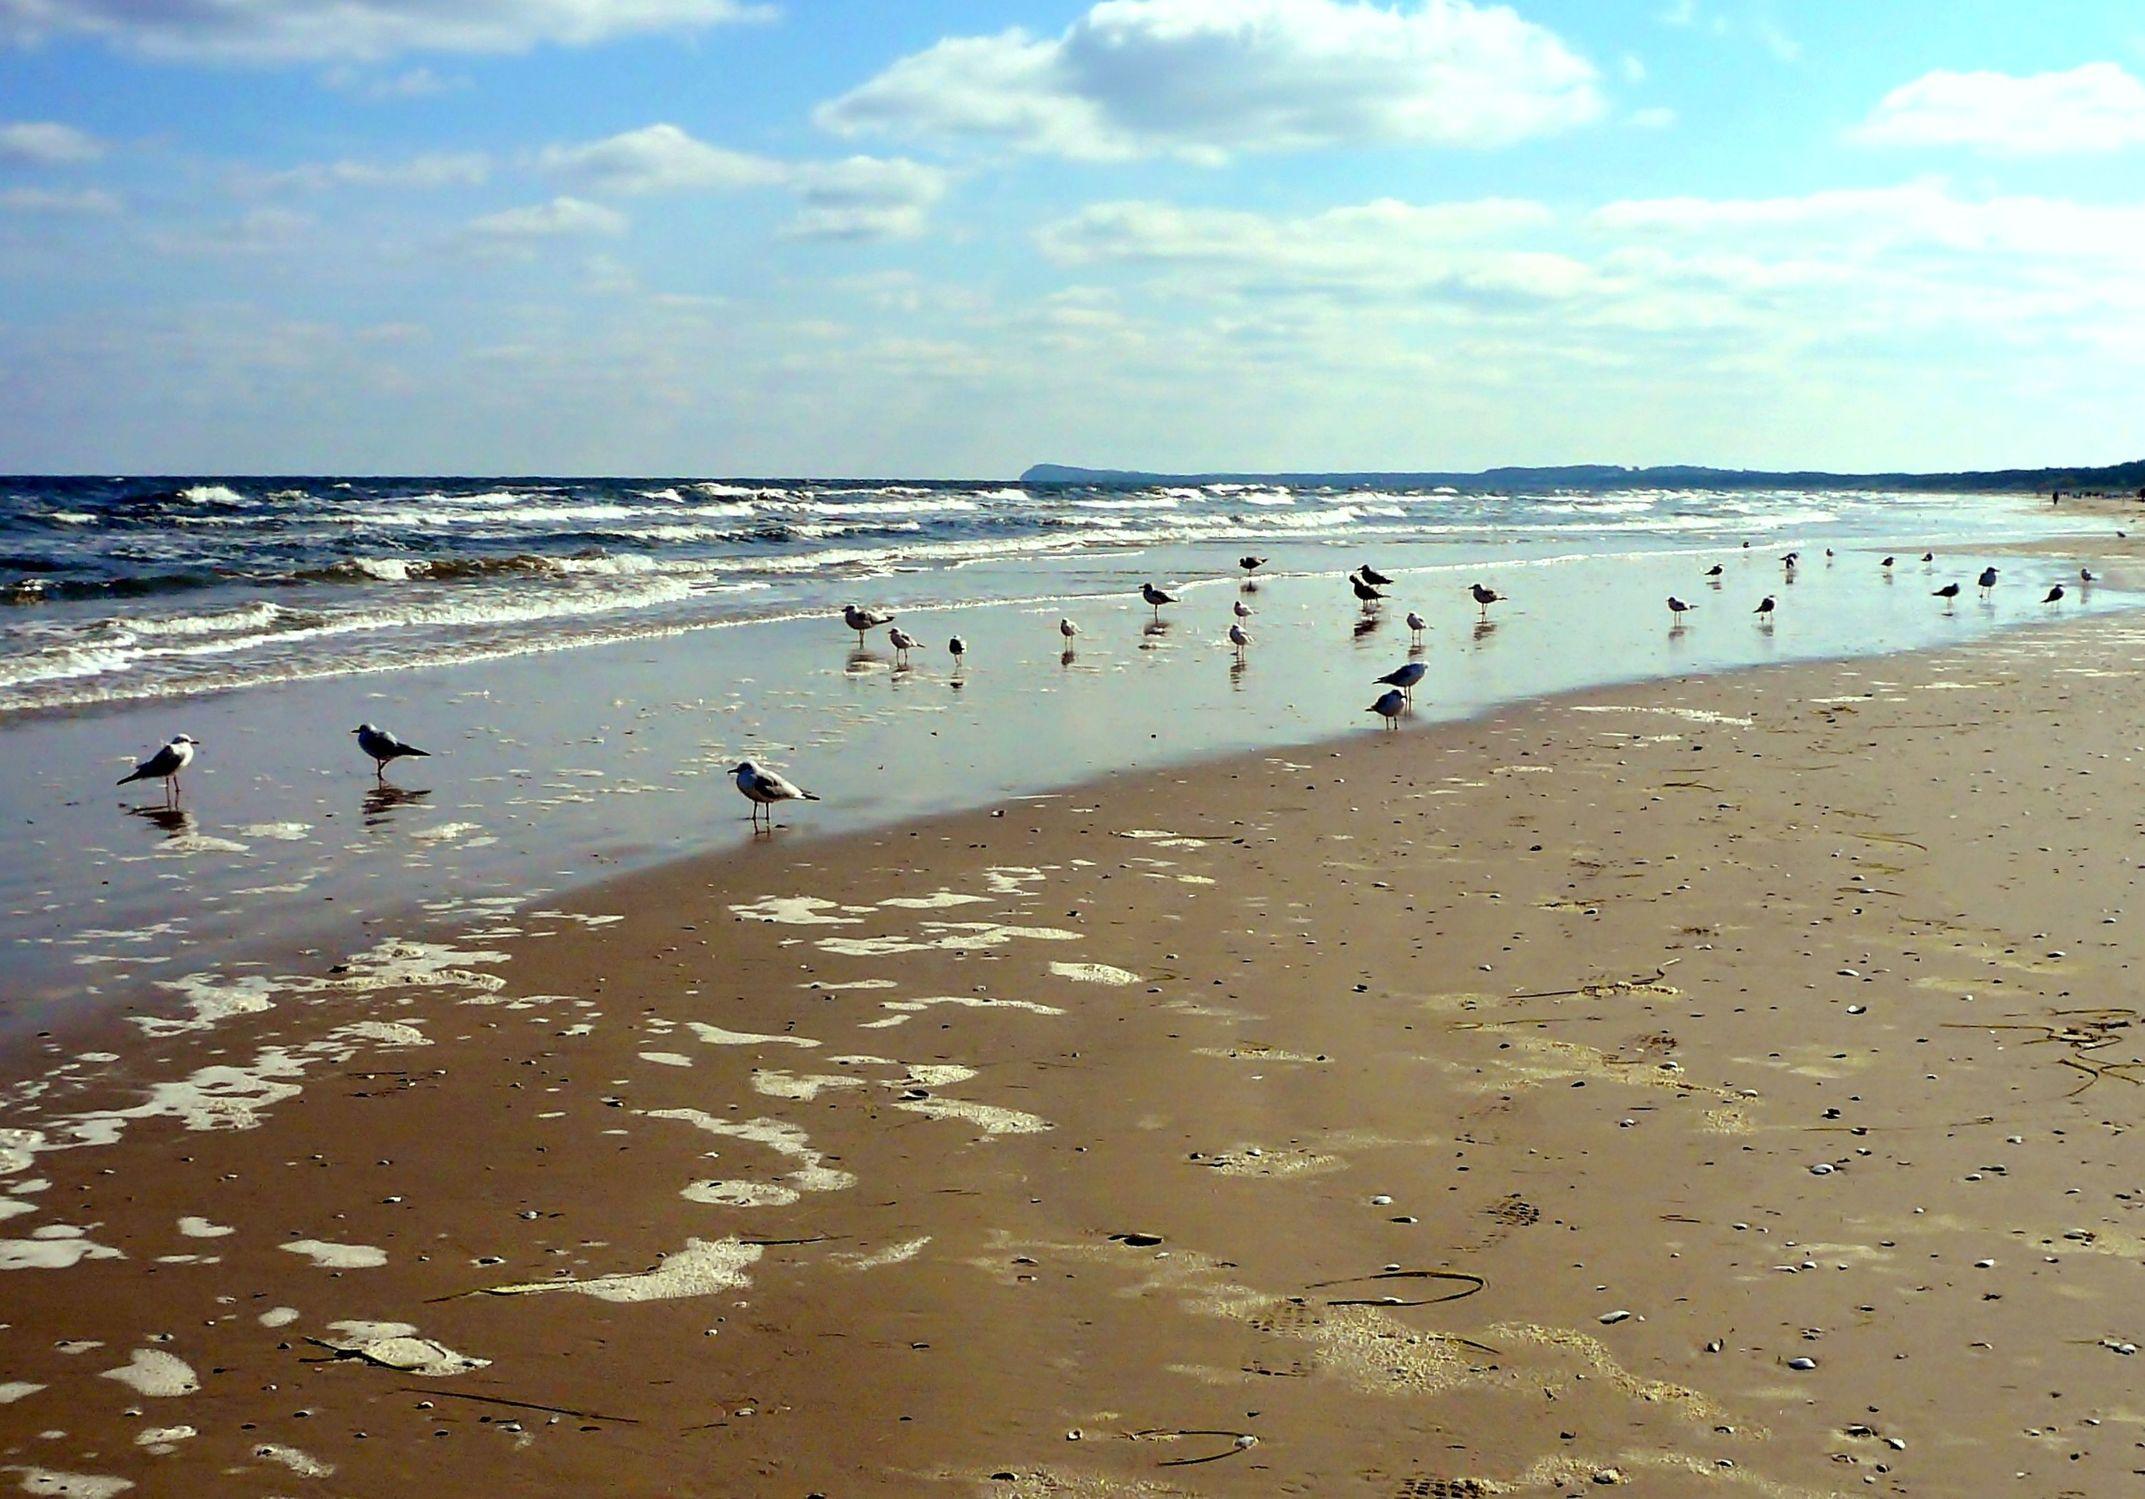 Bild mit Natur, Wasser, Wellen, Sand, Möwen, Strand, Ostsee, Meer, Insel, Usedom, Usedom